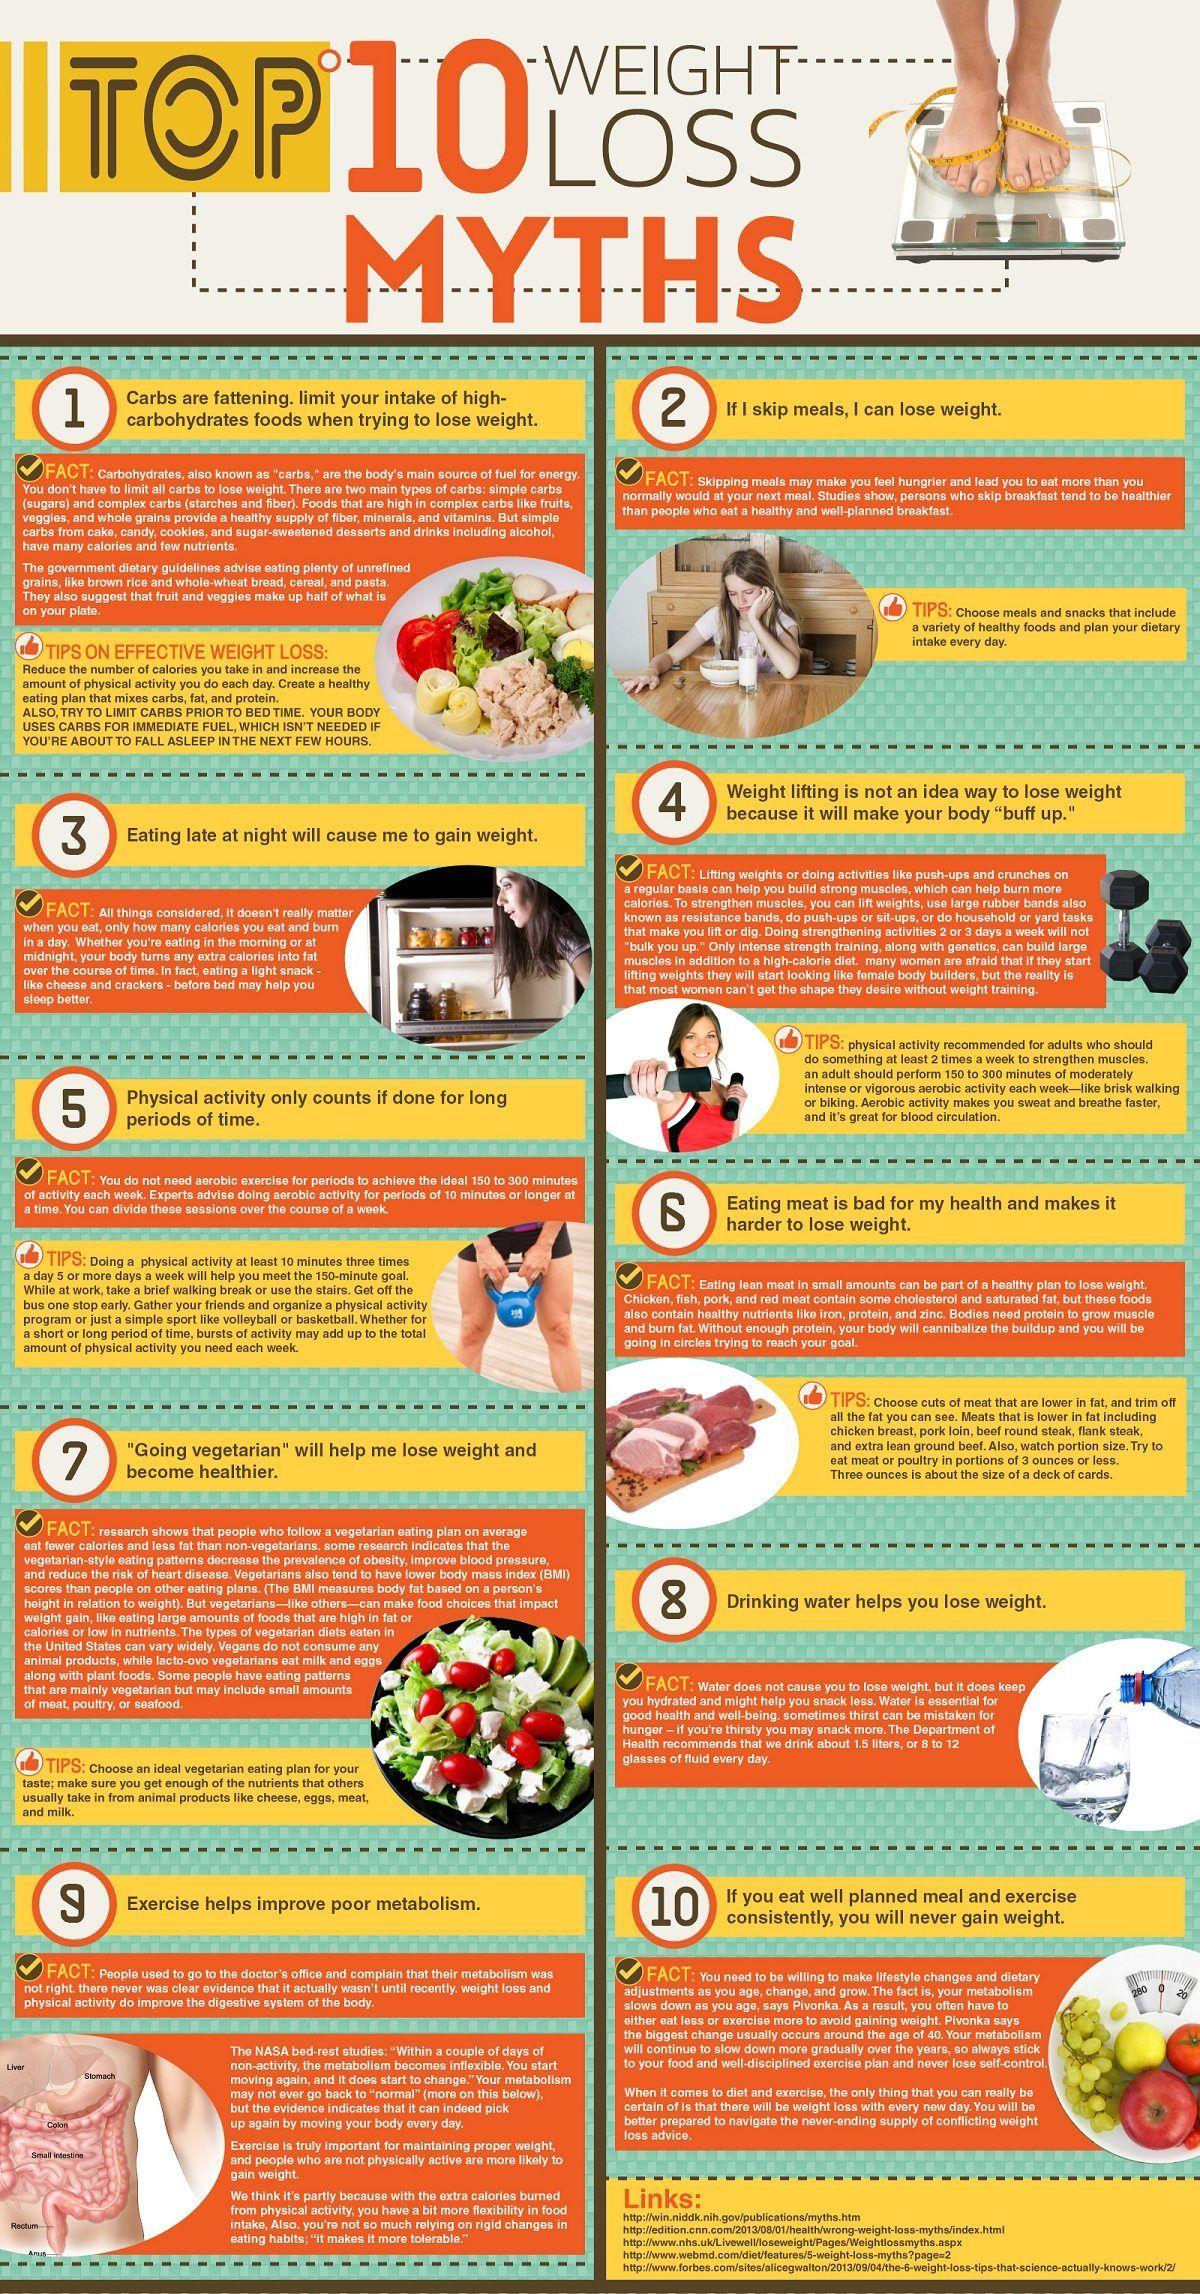 Vitamin e lose weight